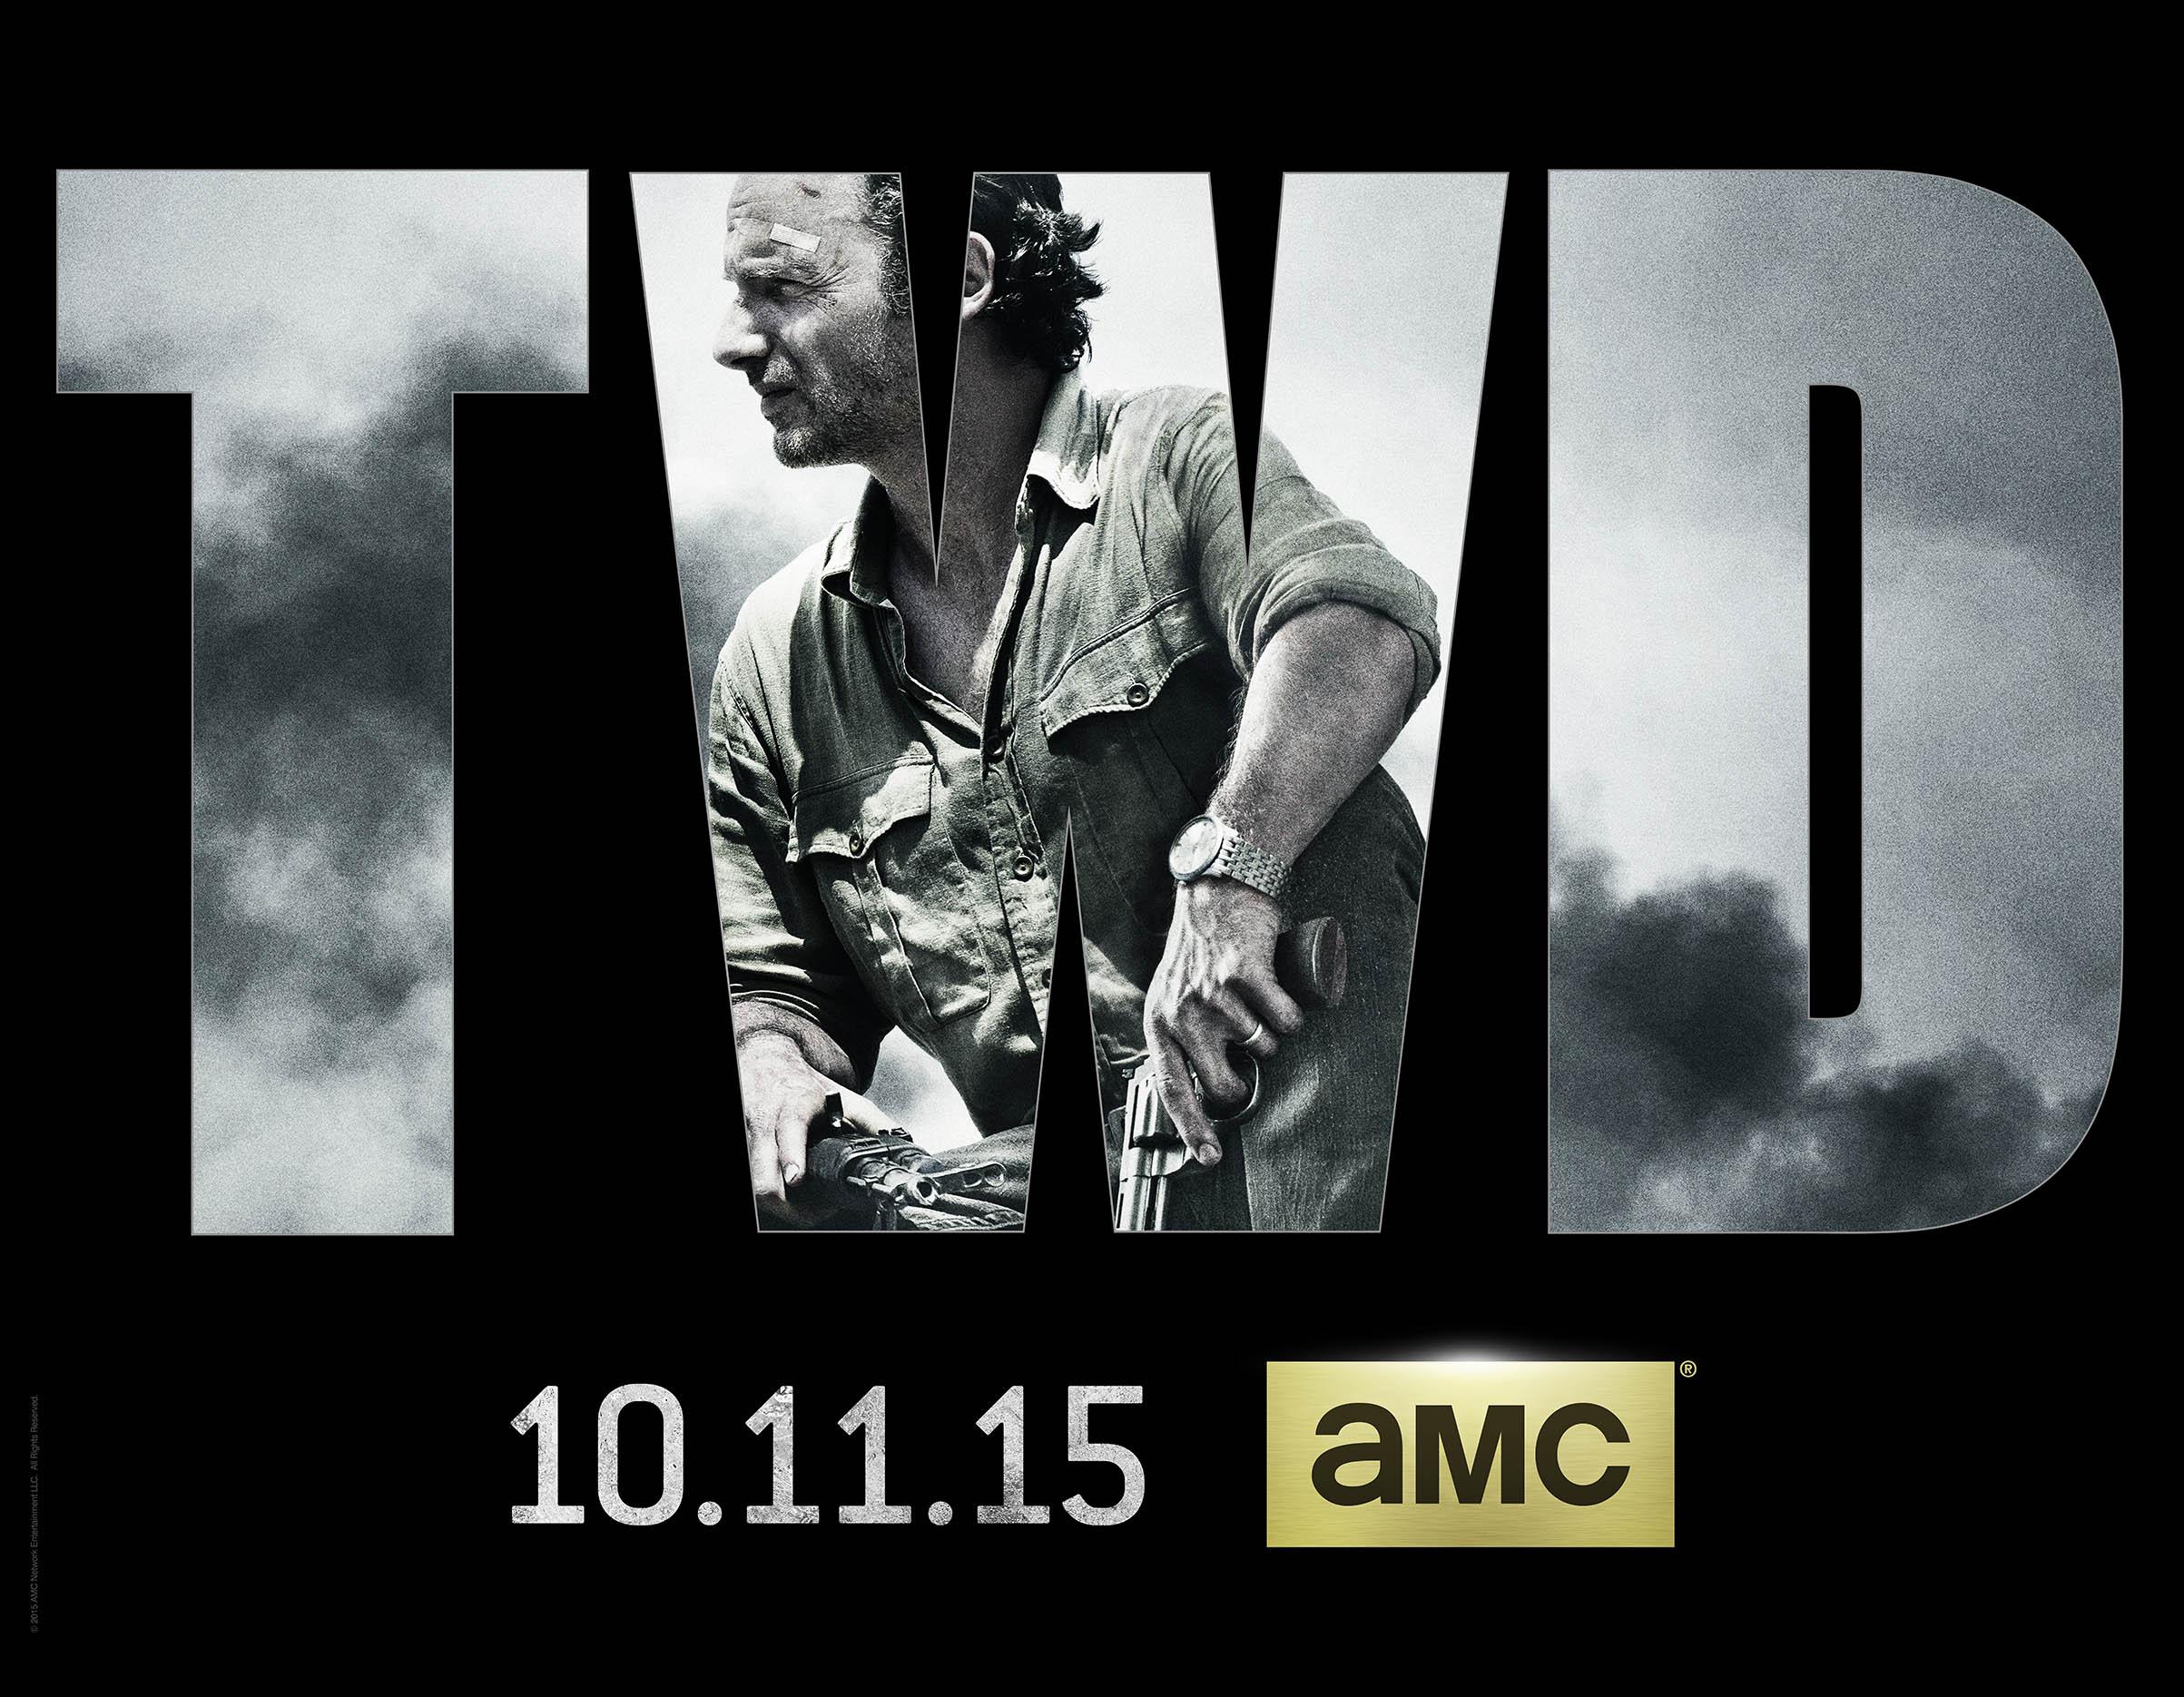 Blogs The Walking Dead Amc Releases The Walking Dead Season 6